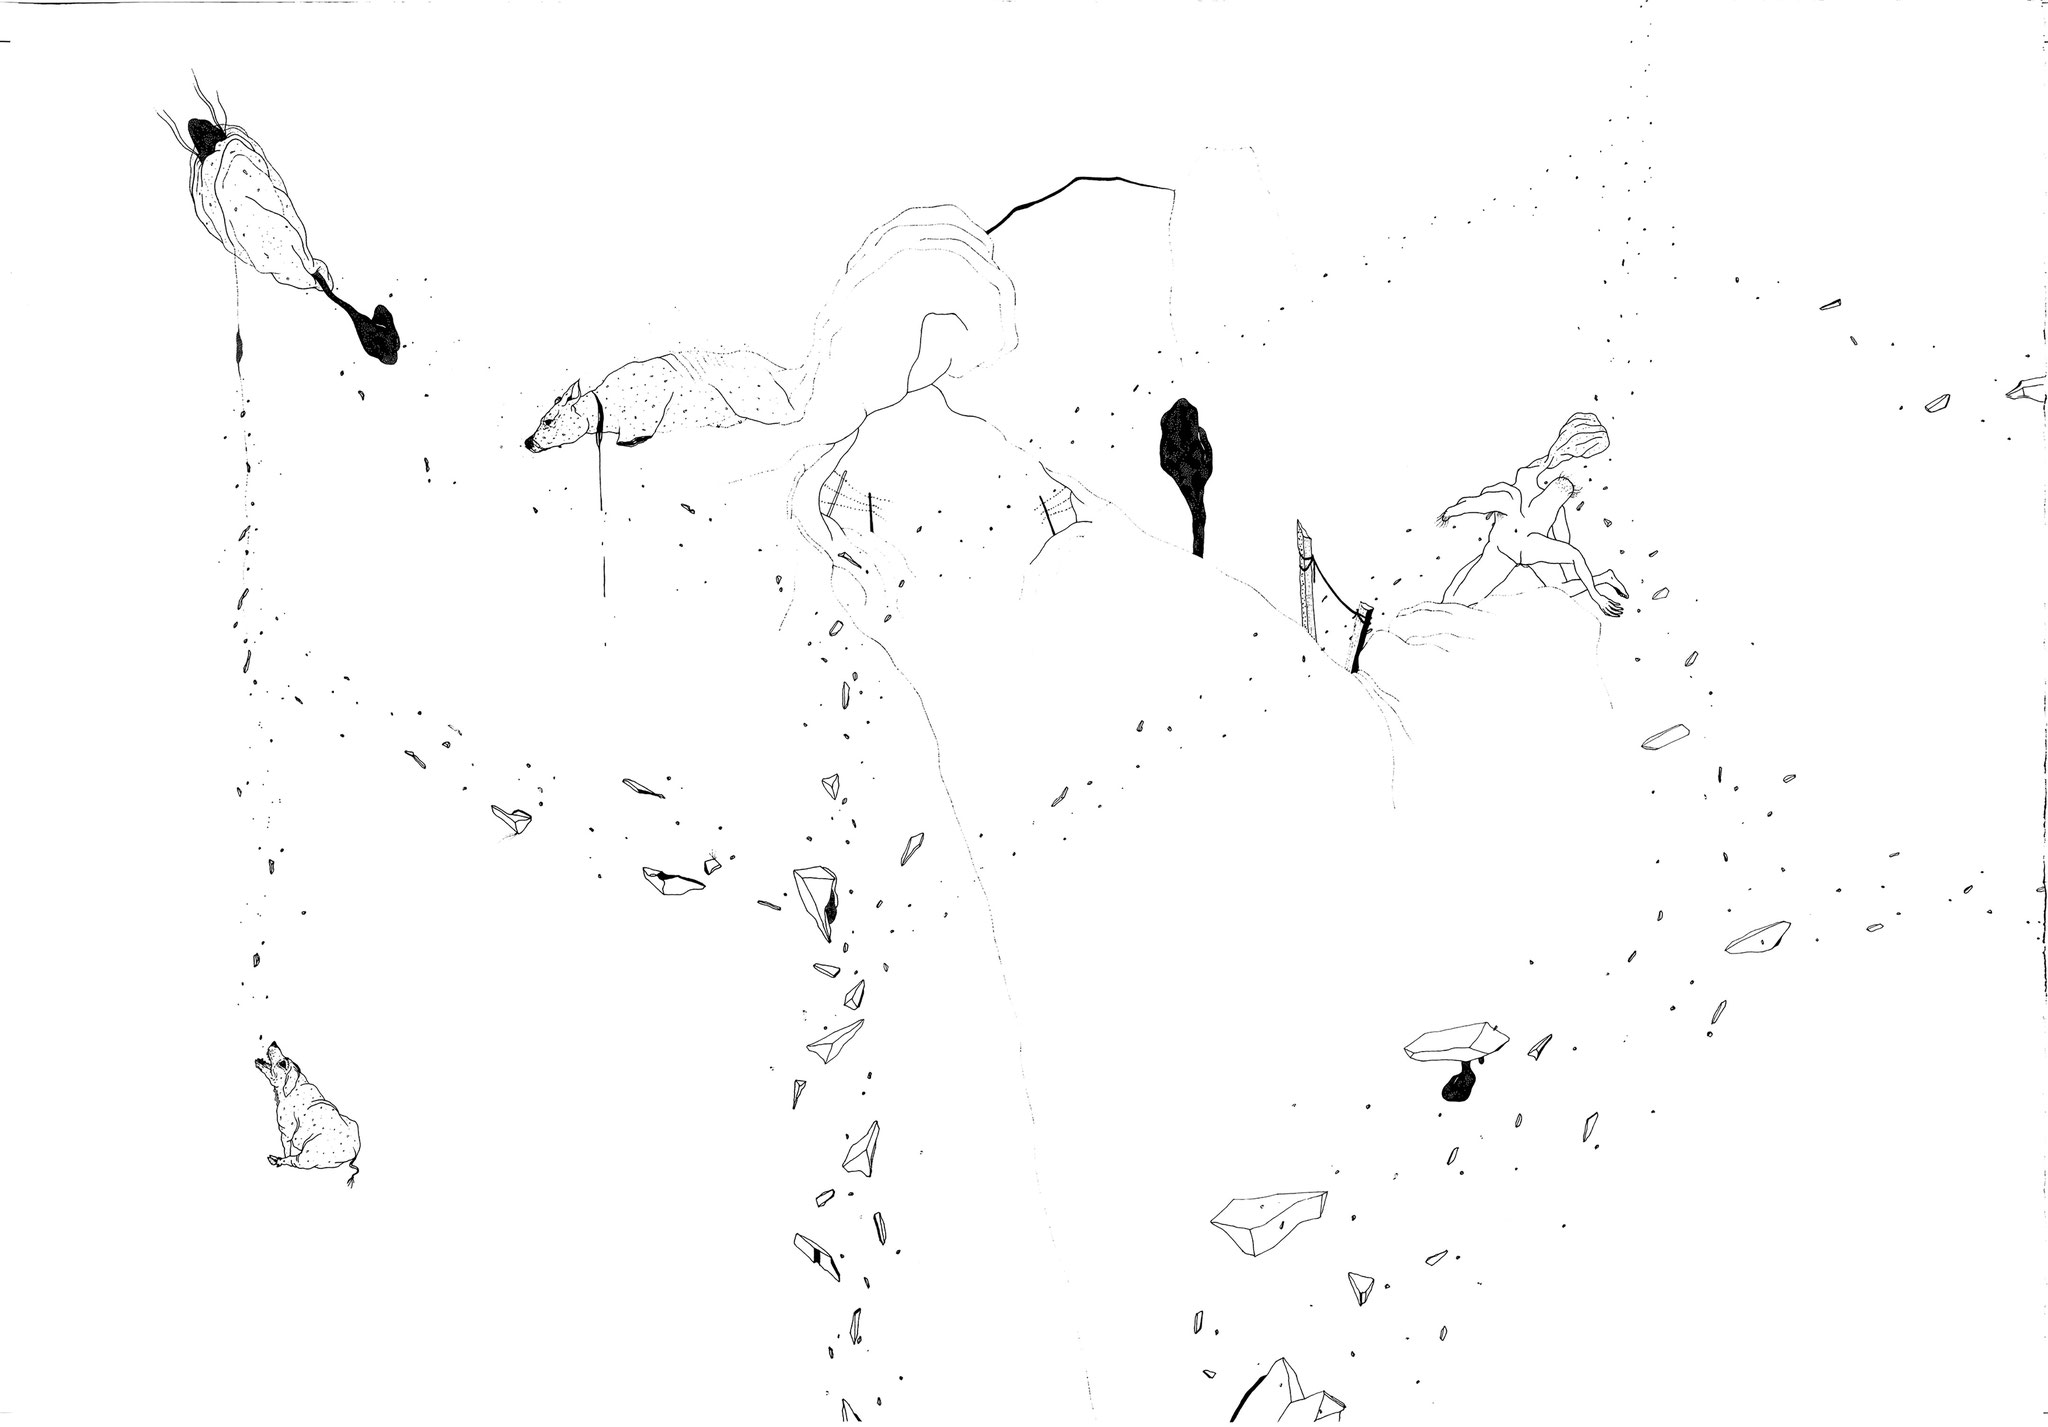 Parcelle, 2018. Plume et encre, rotring sur papier, 76 x 108 cm